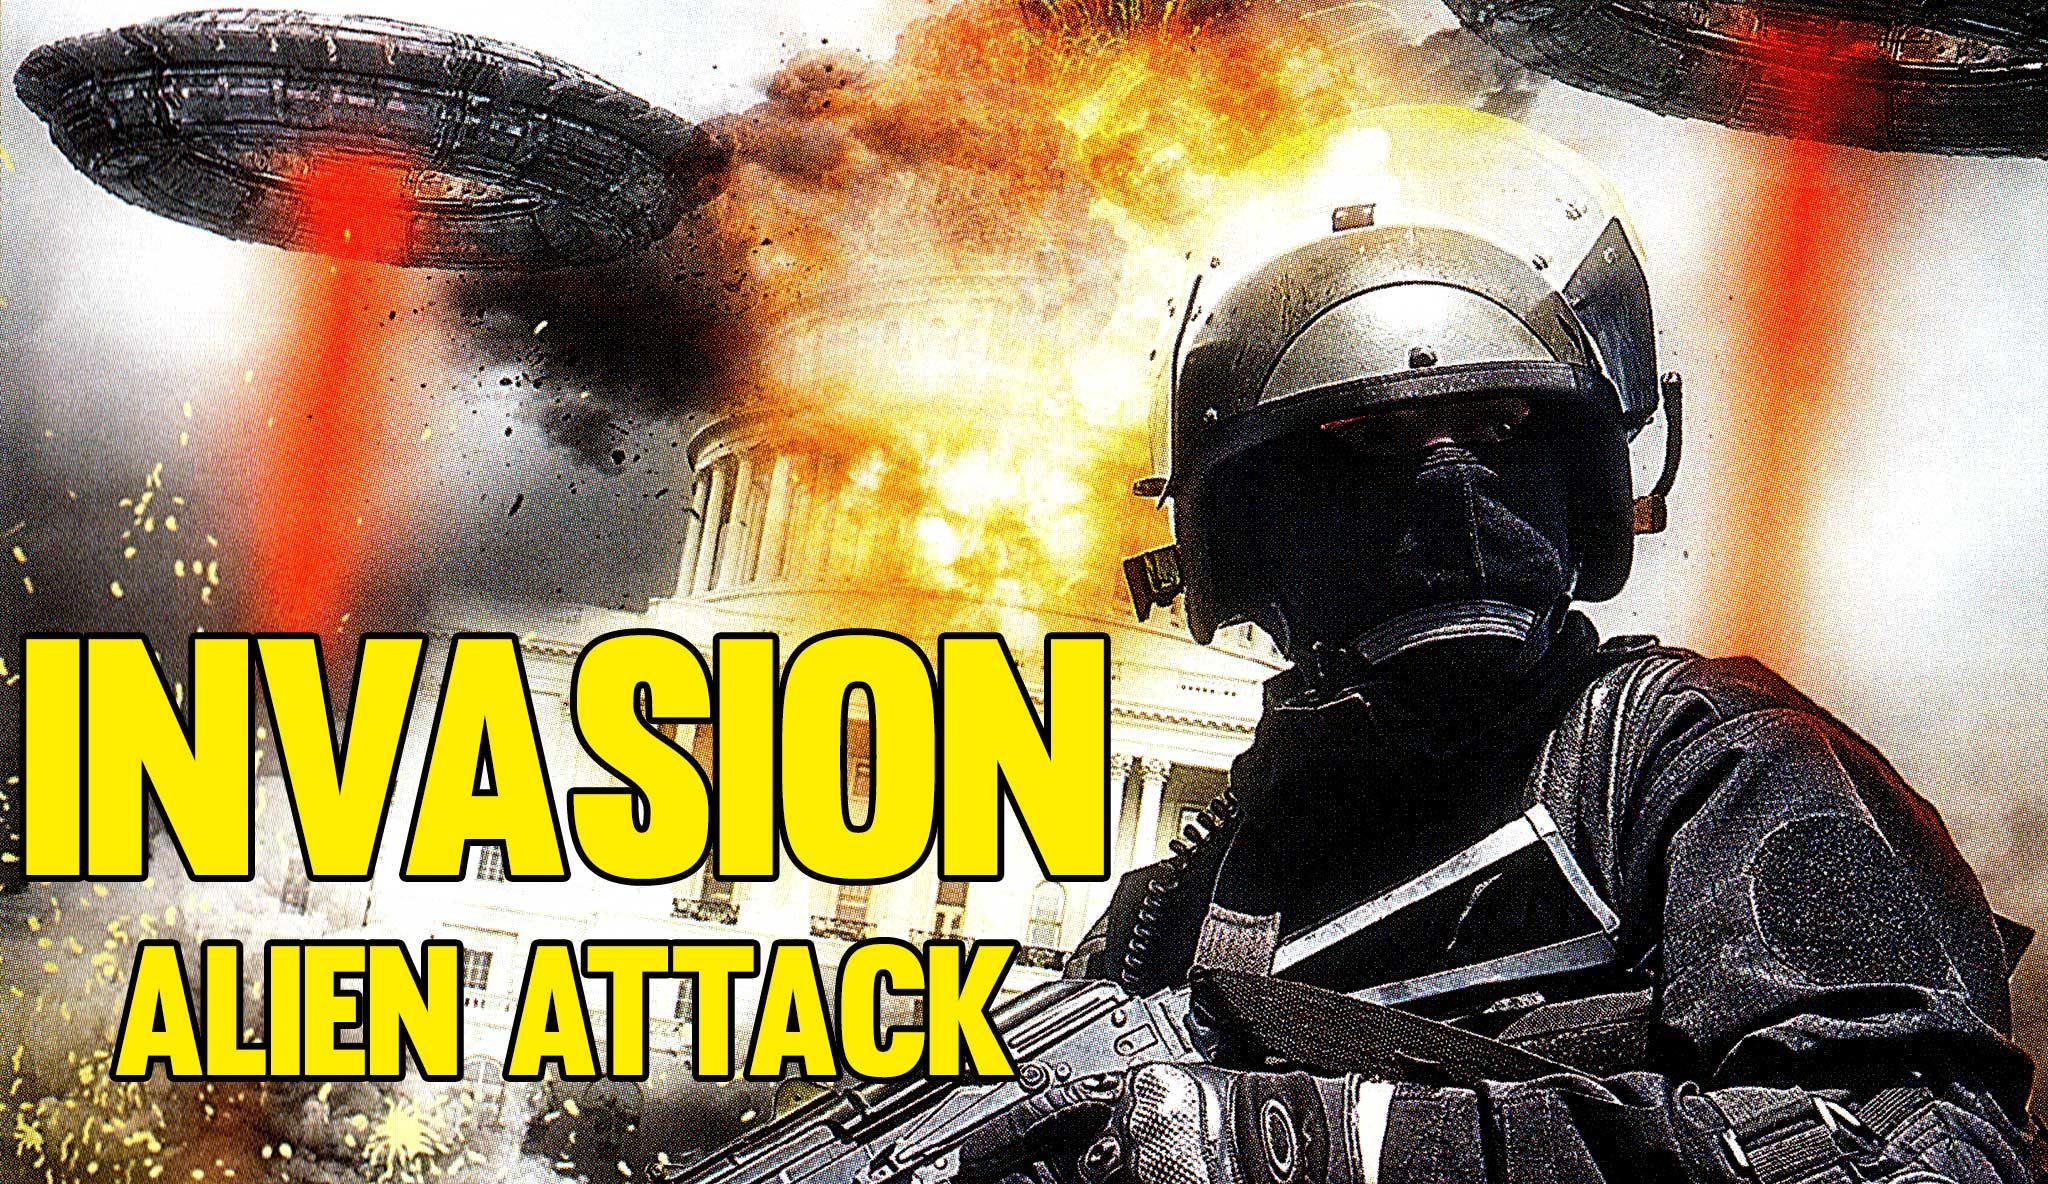 invasion-alien-attack\header.jpg